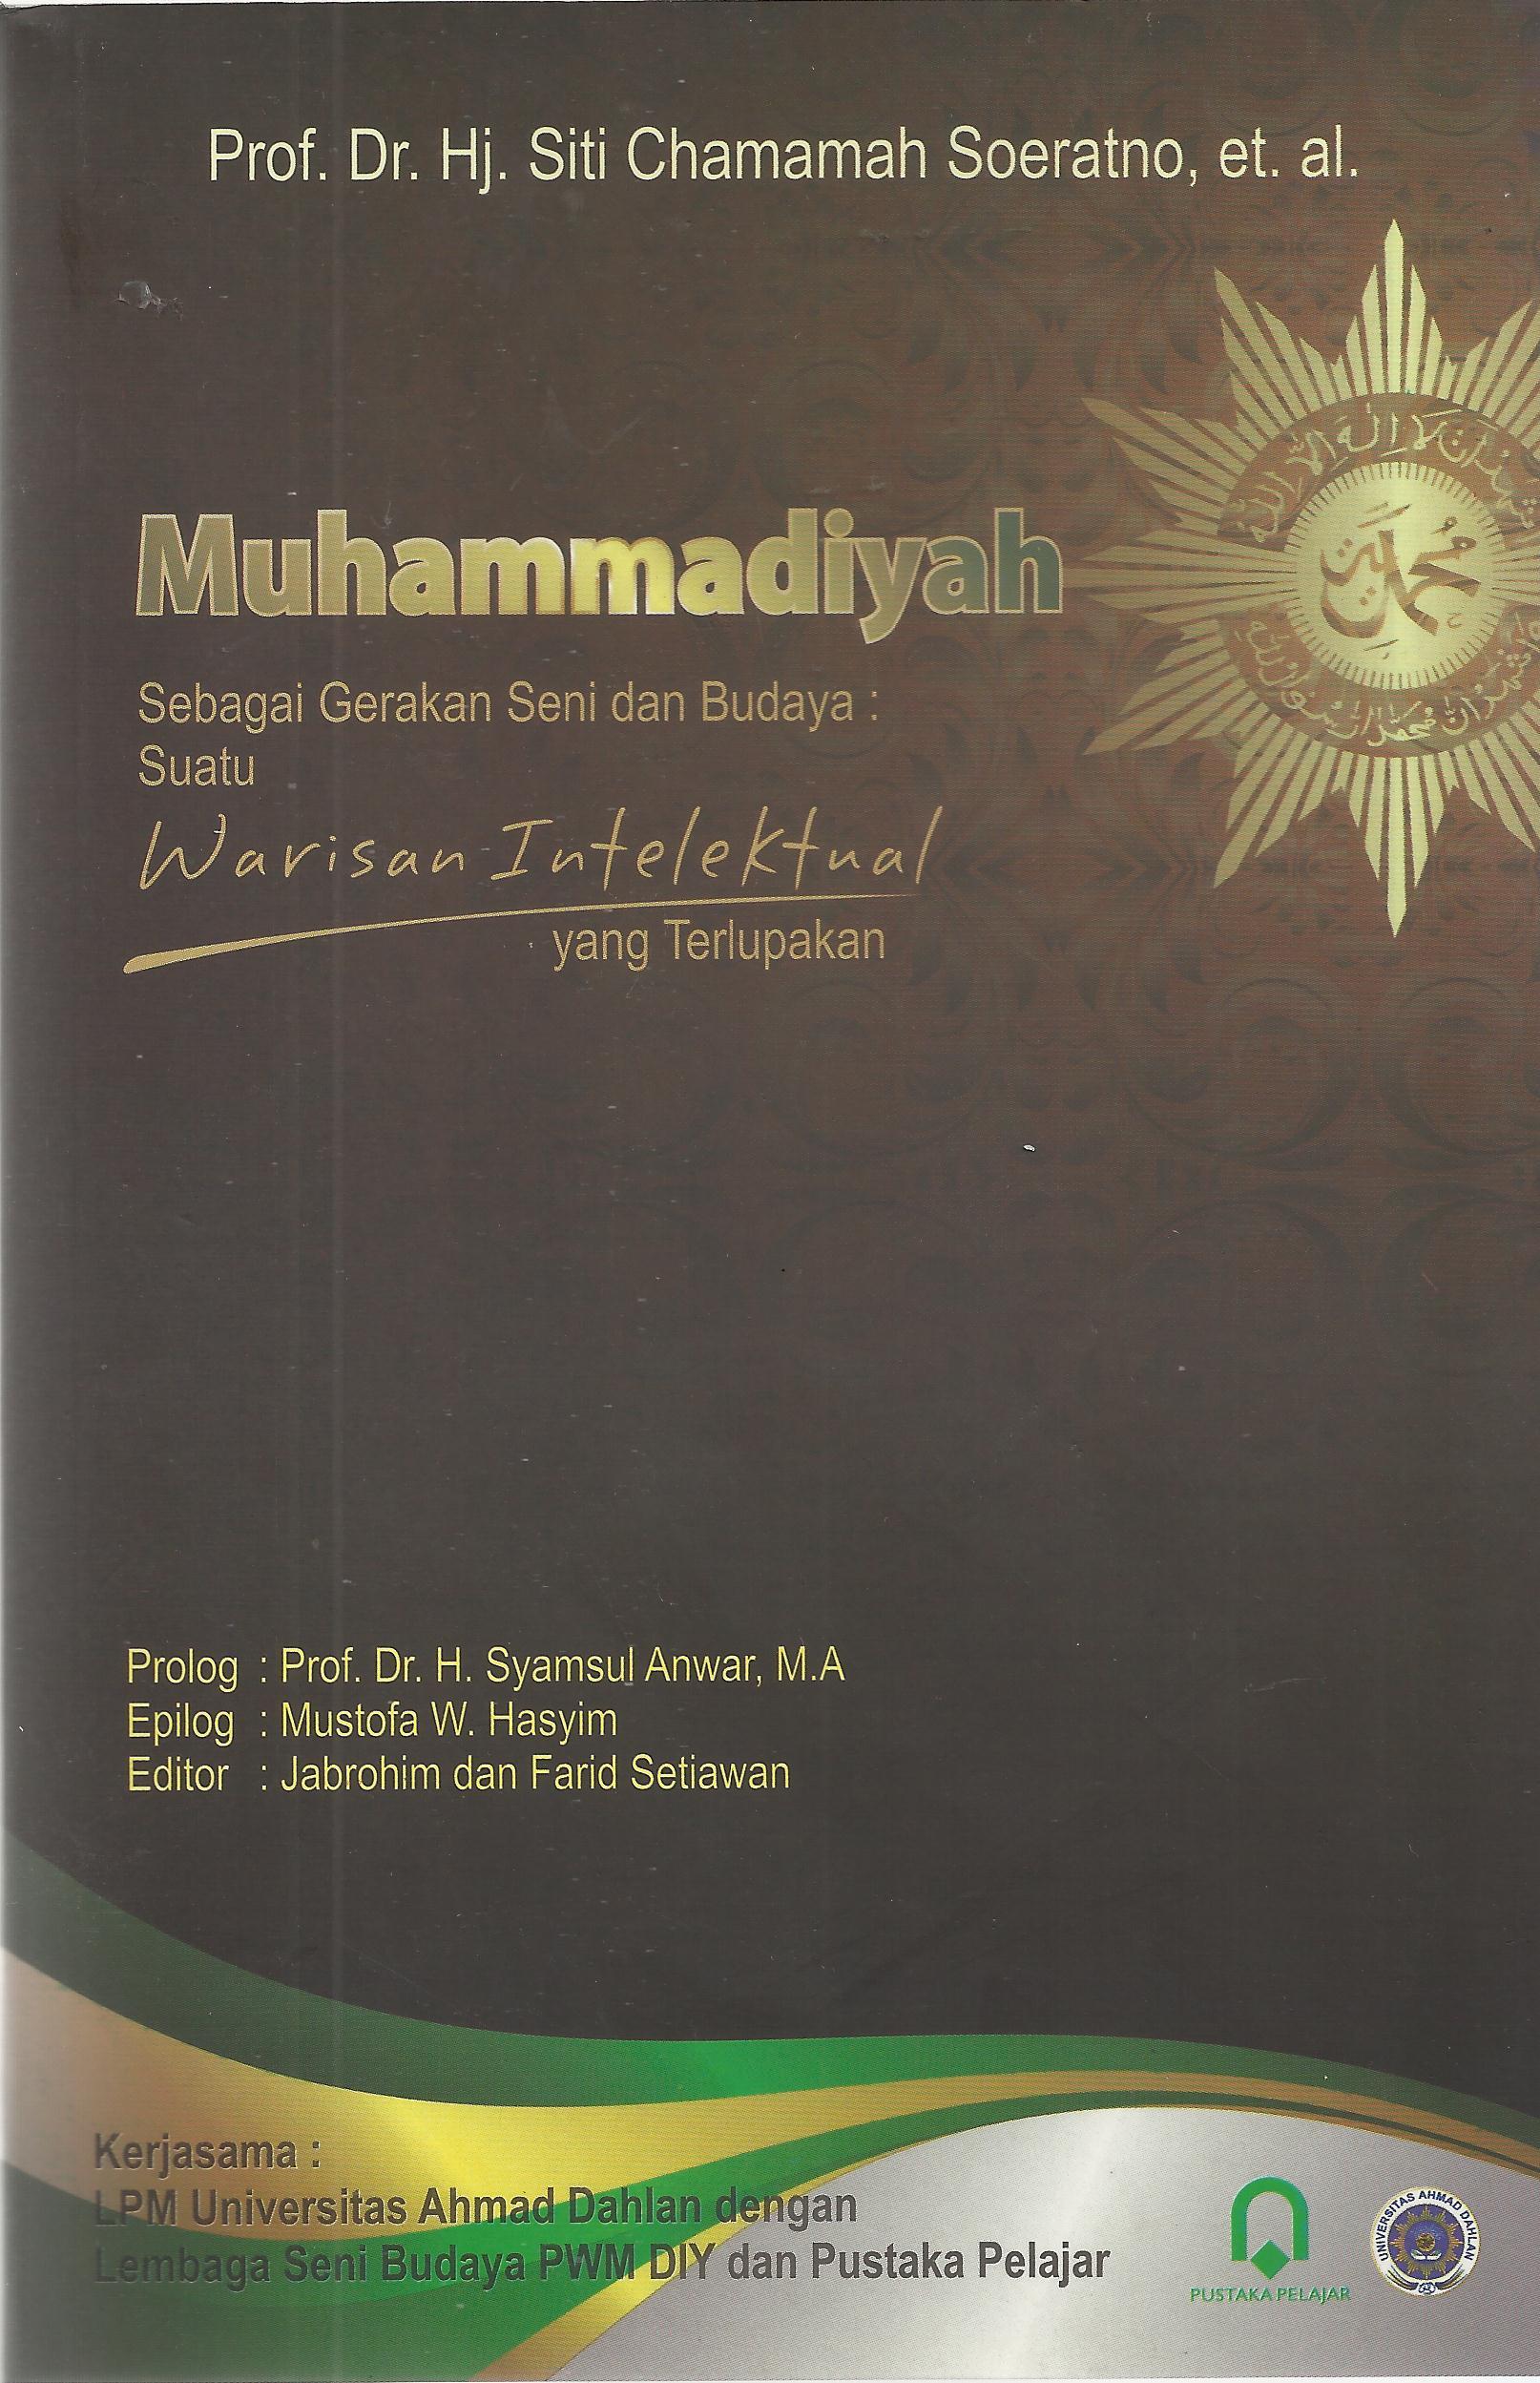 Muhammadiyah Sebagai Gerakan Seni dan Budaya